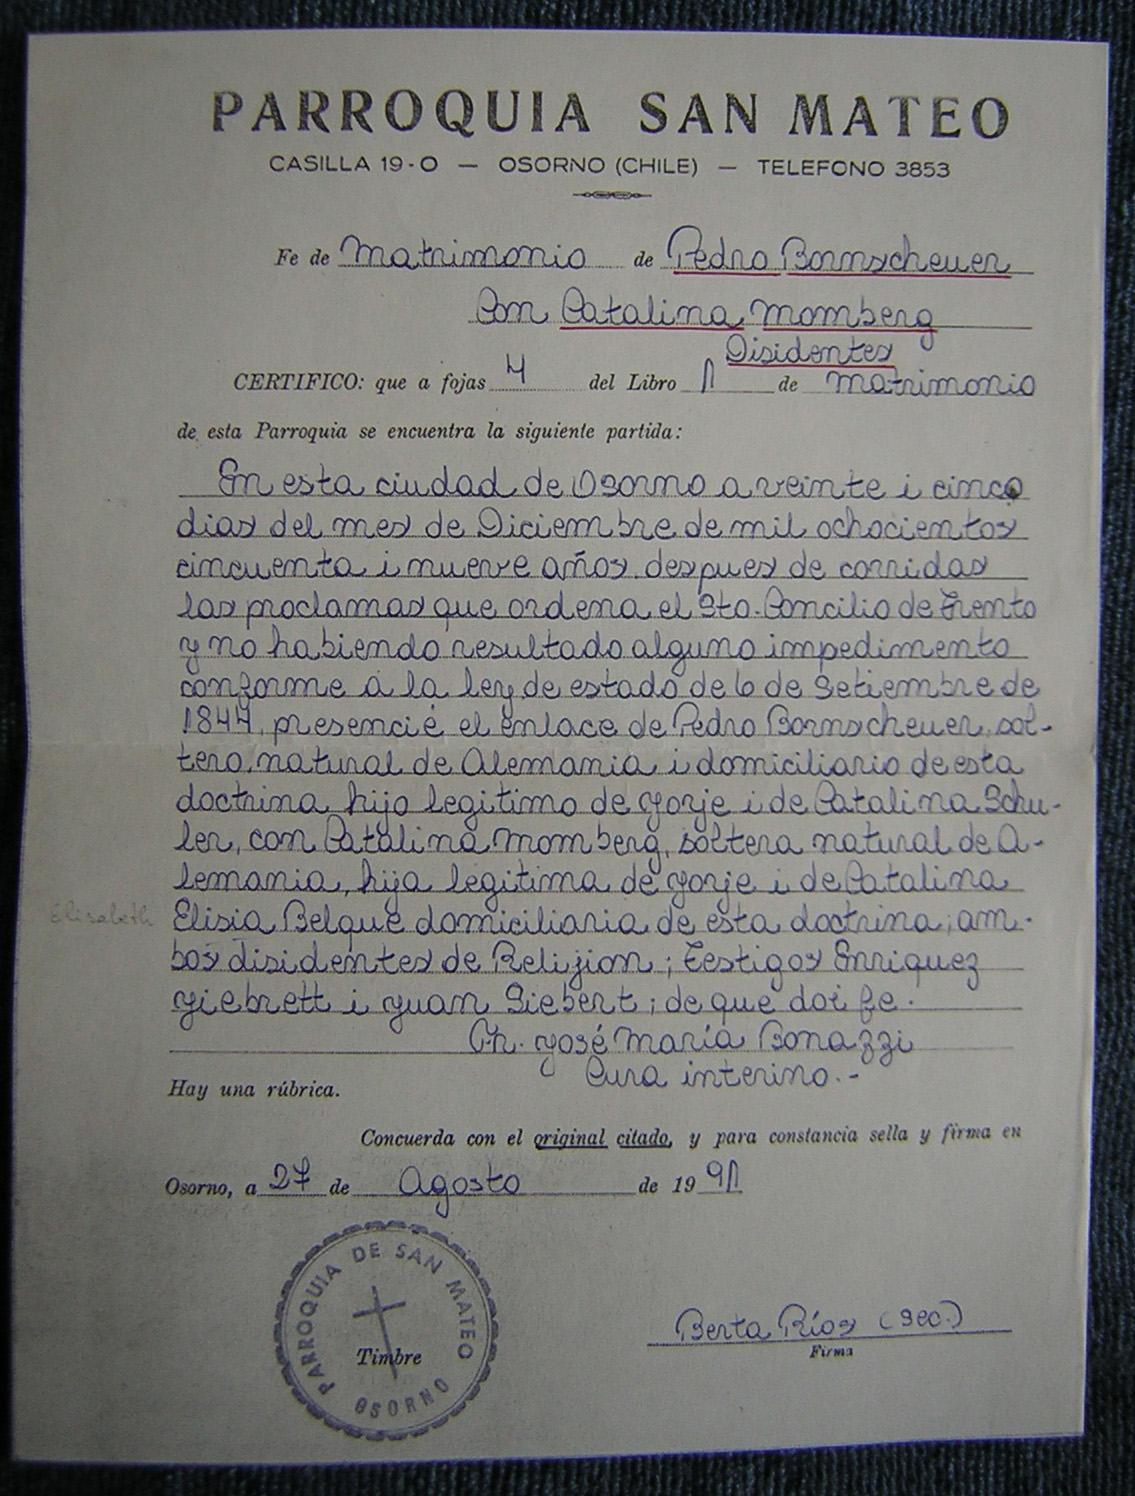 Acta De Matrimonio Catolico : Familia bornscheuer genealog cl